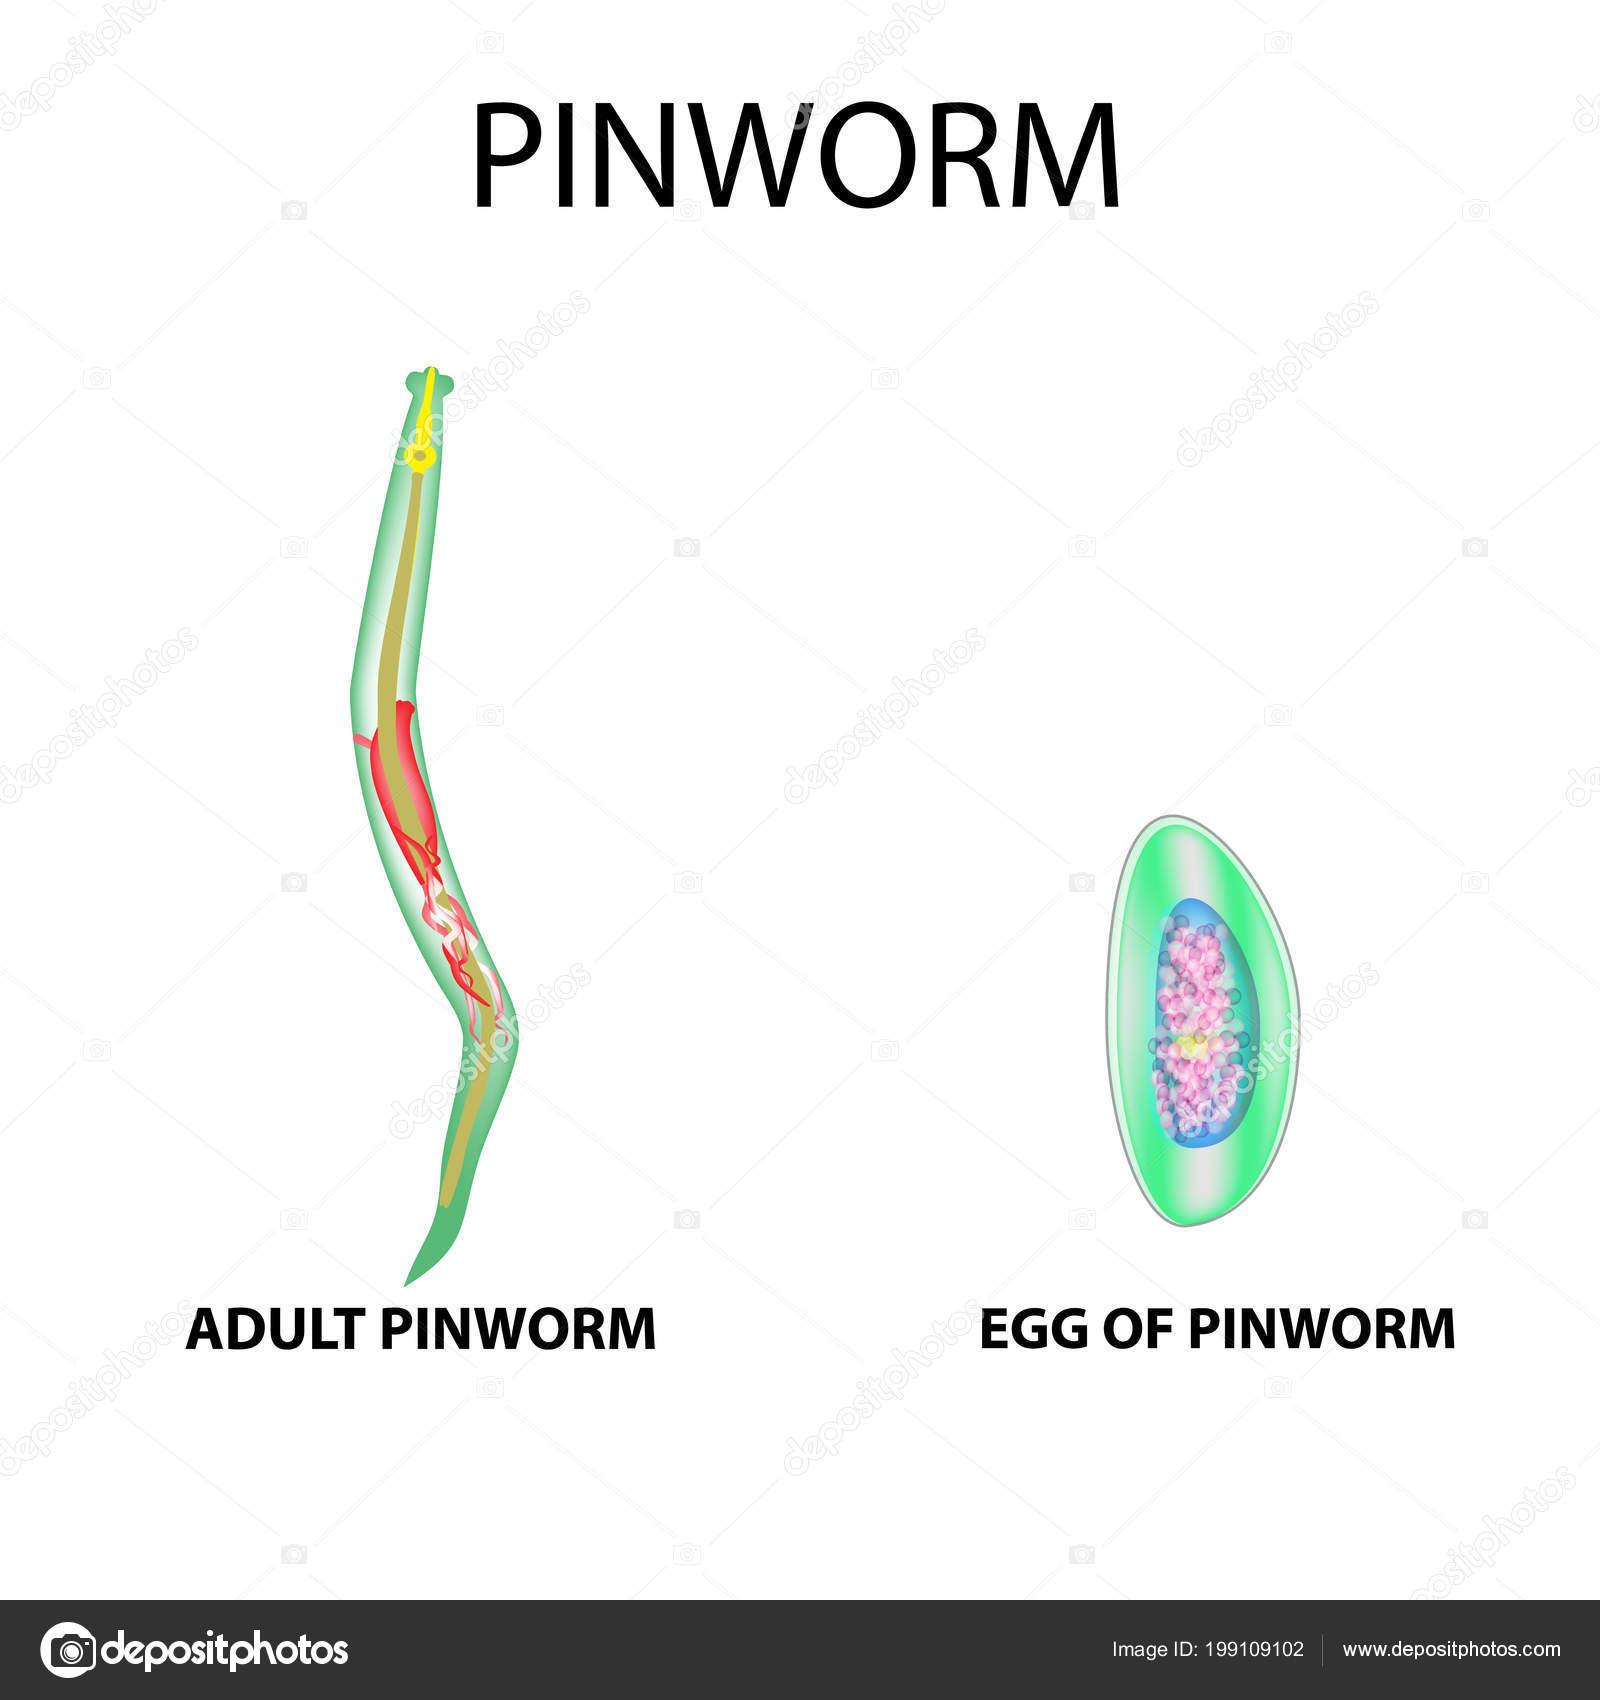 Enterobiosis tojások. Enterobiasis (pinworms) gyermekeknél